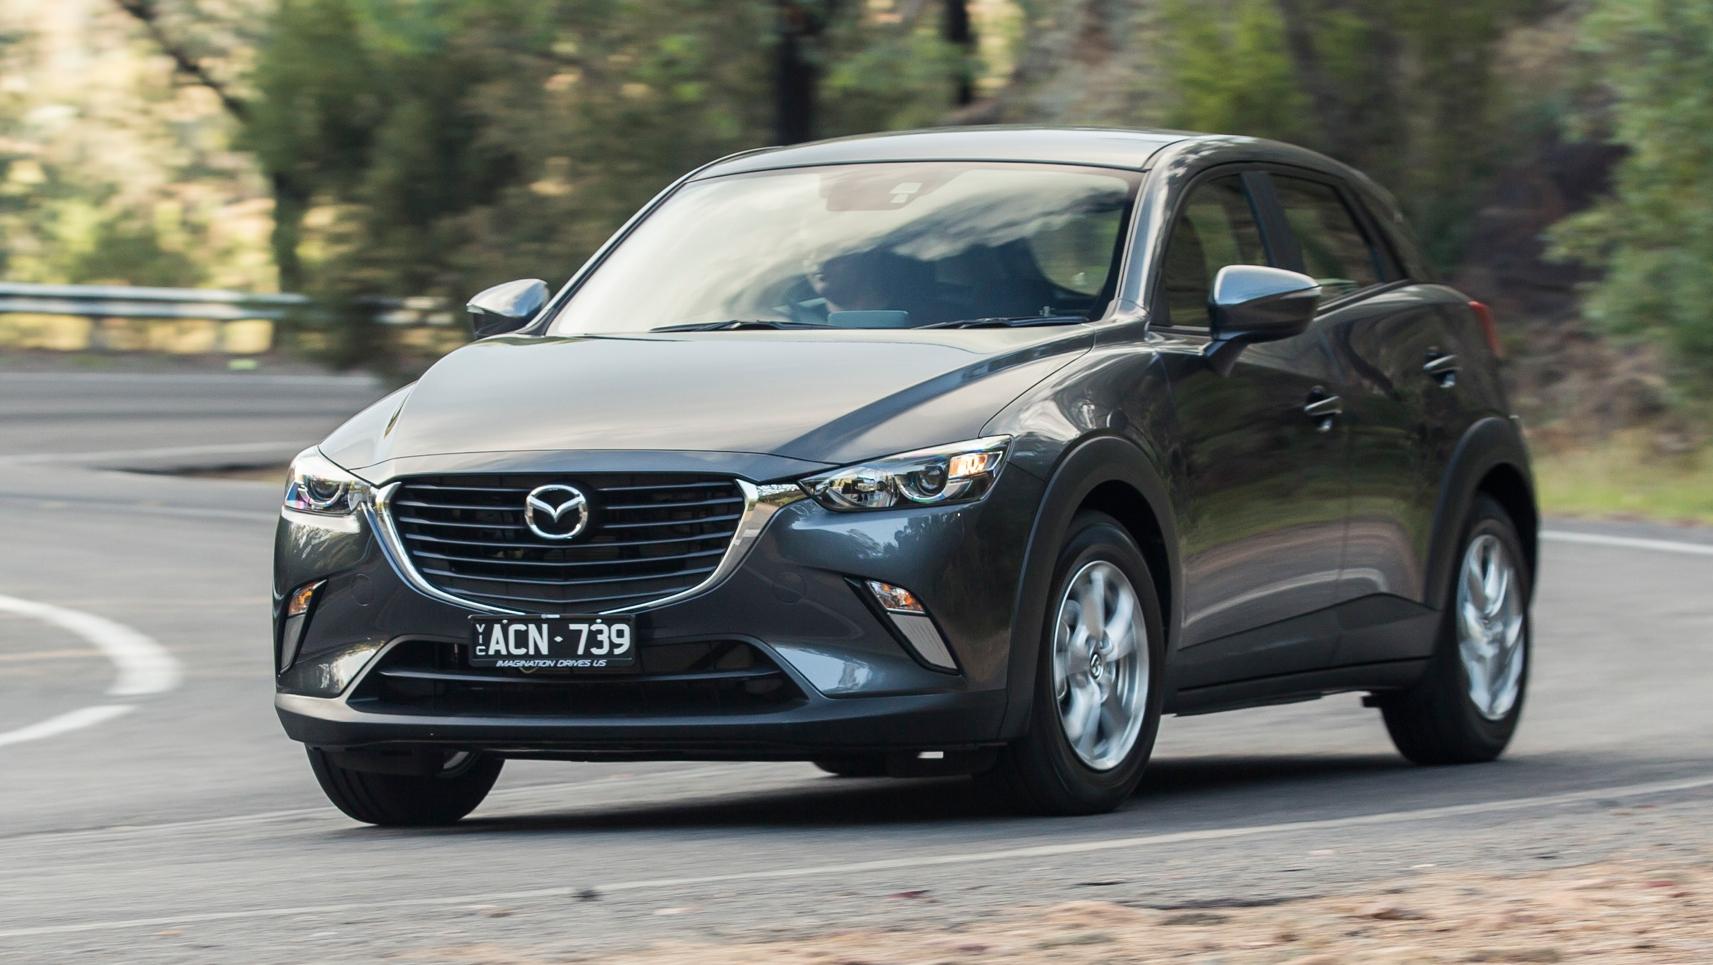 Mazda Cx 3 >> GALLERY: Mazda CX-3 – Australia gets four grades Paul Tan - Image 319516